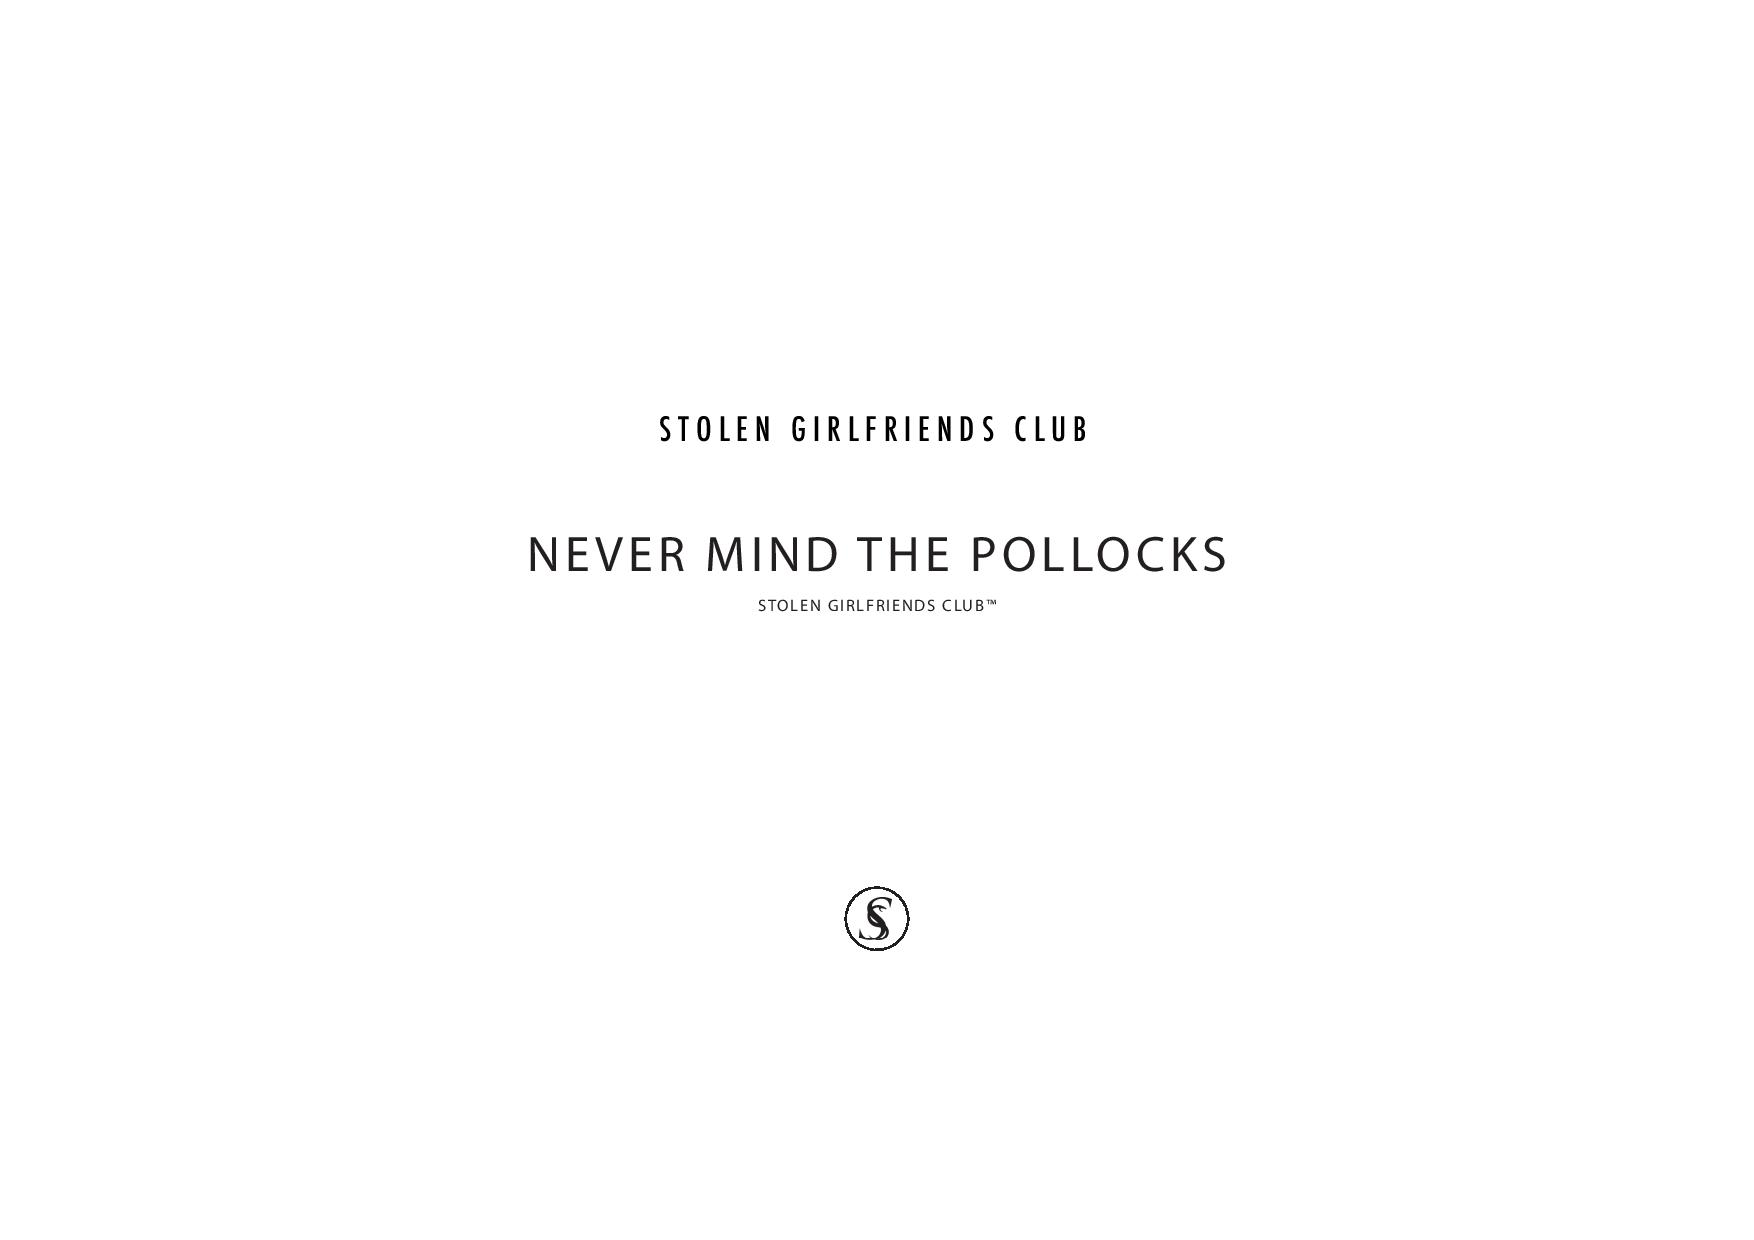 StolenGirlfriendsClub Mens-page-001